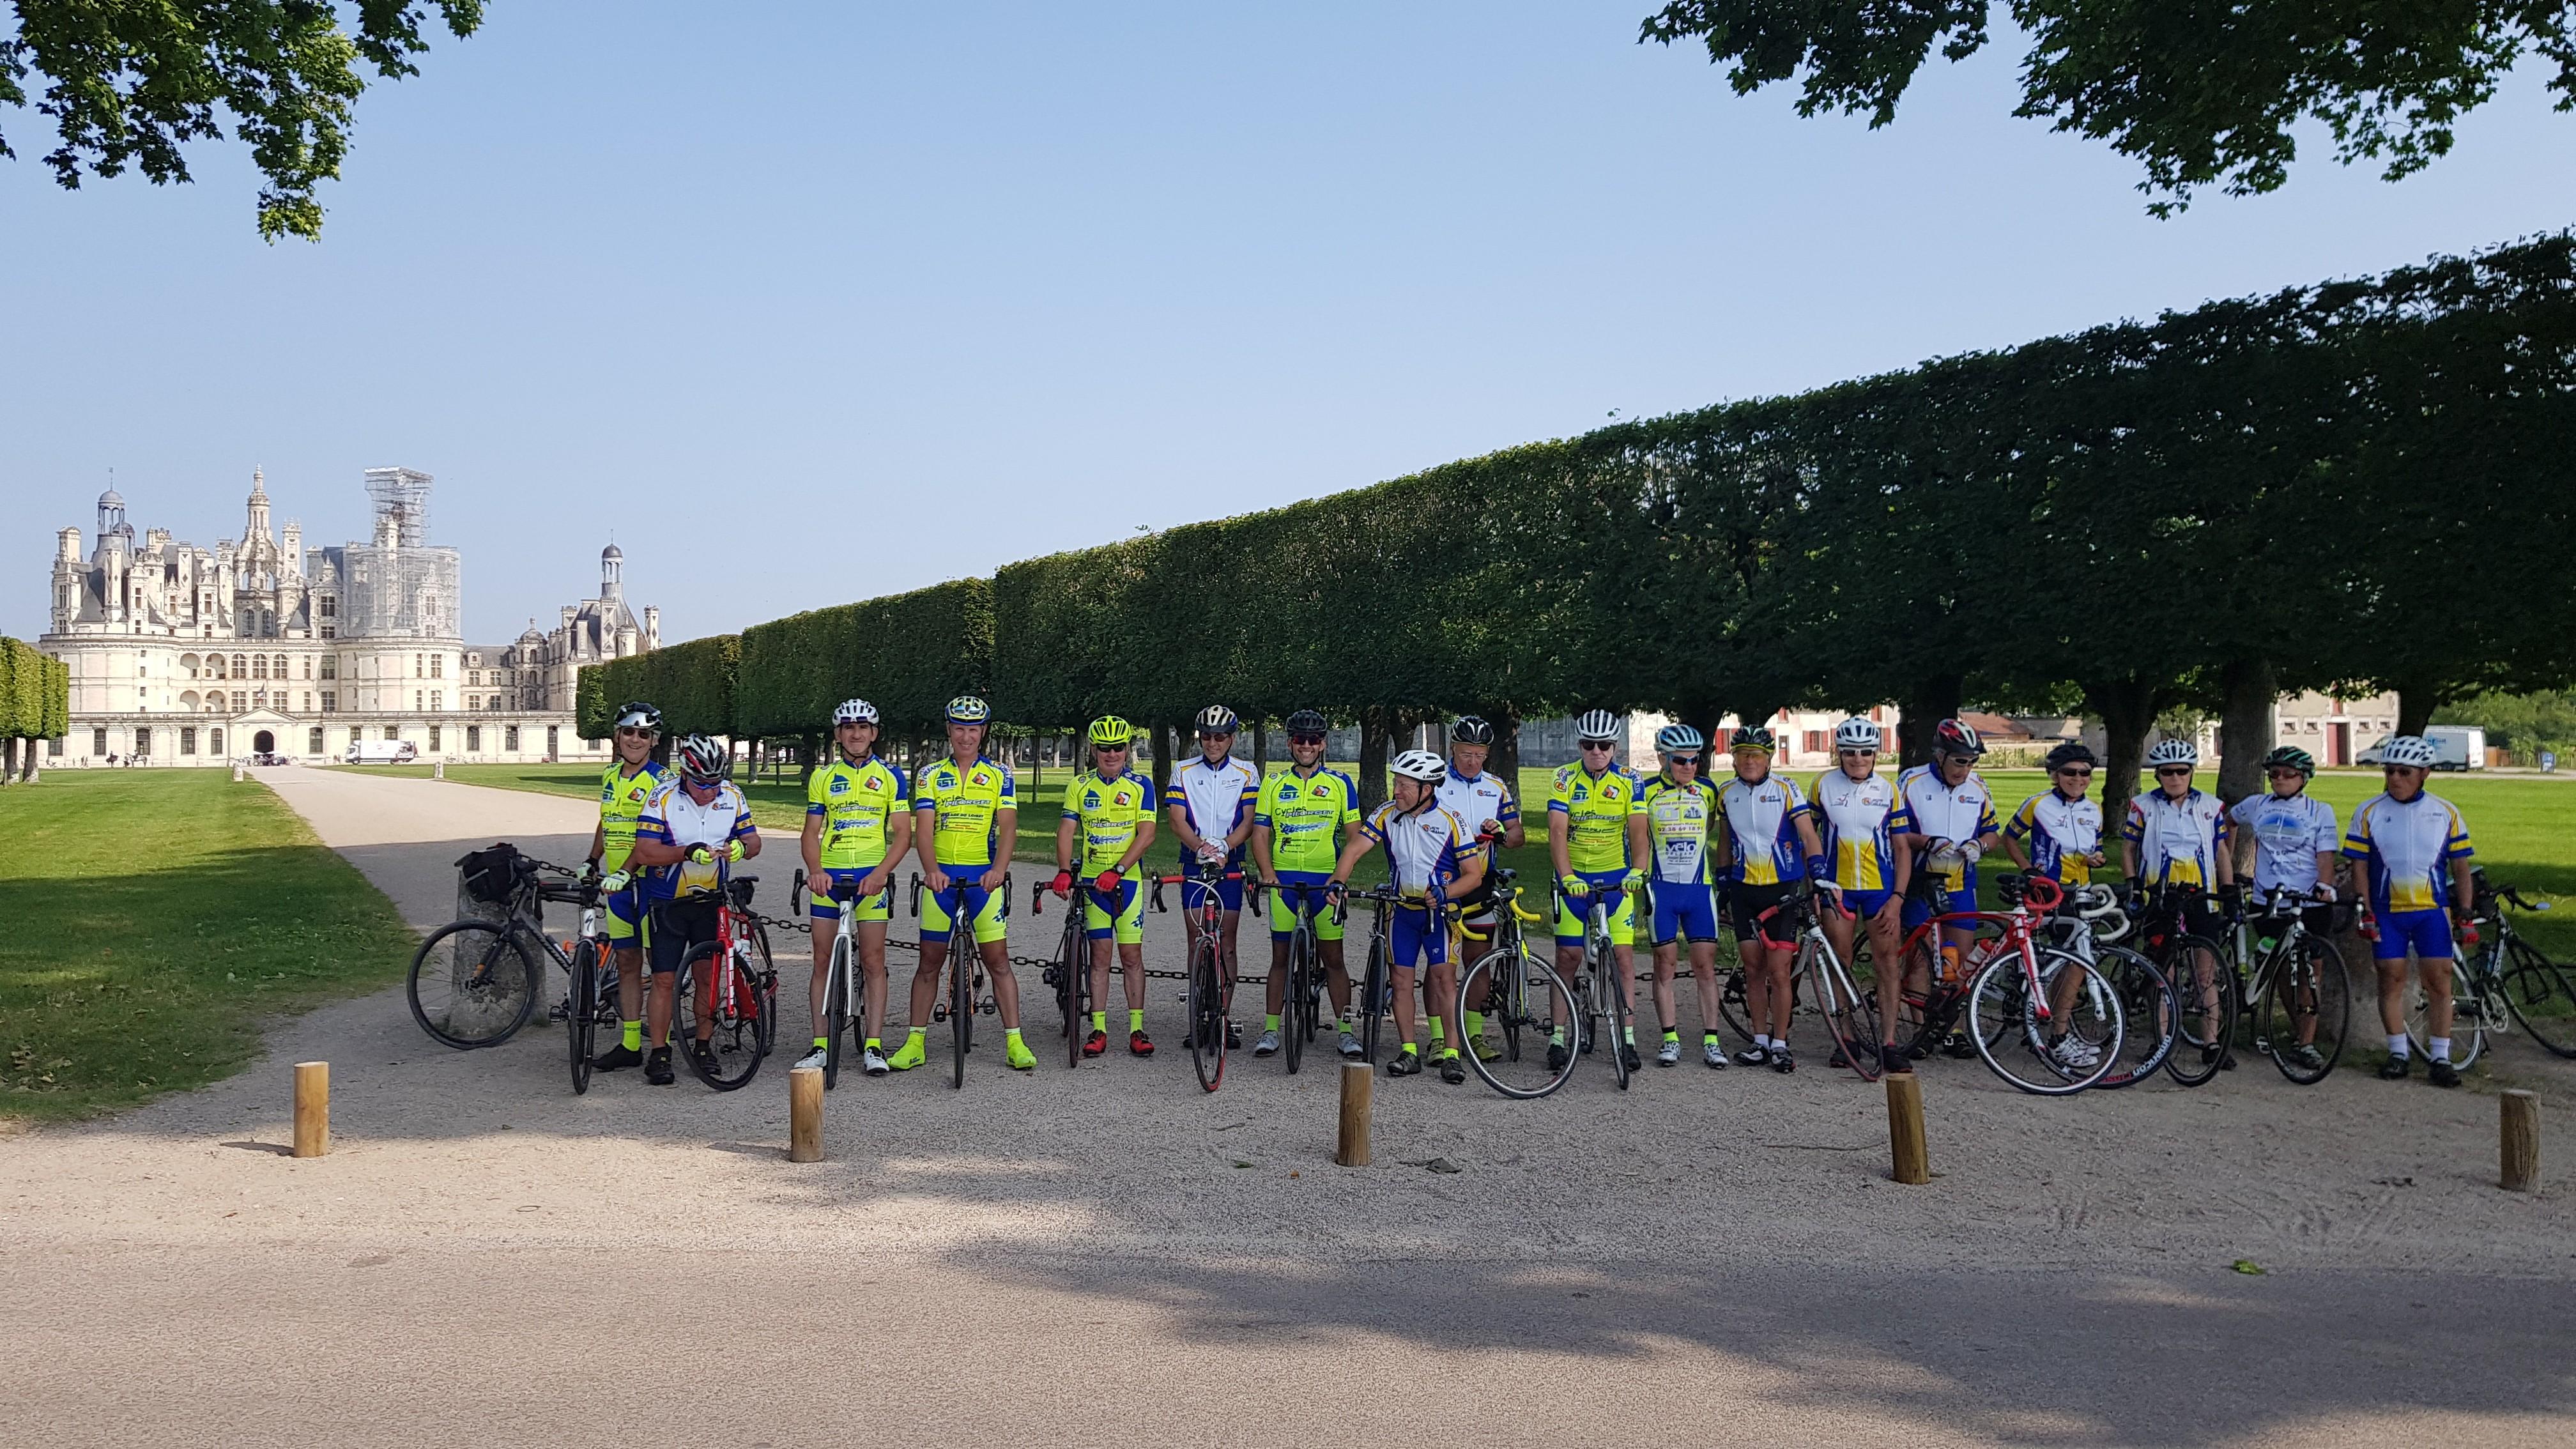 Le groupe devant le château de Chambord